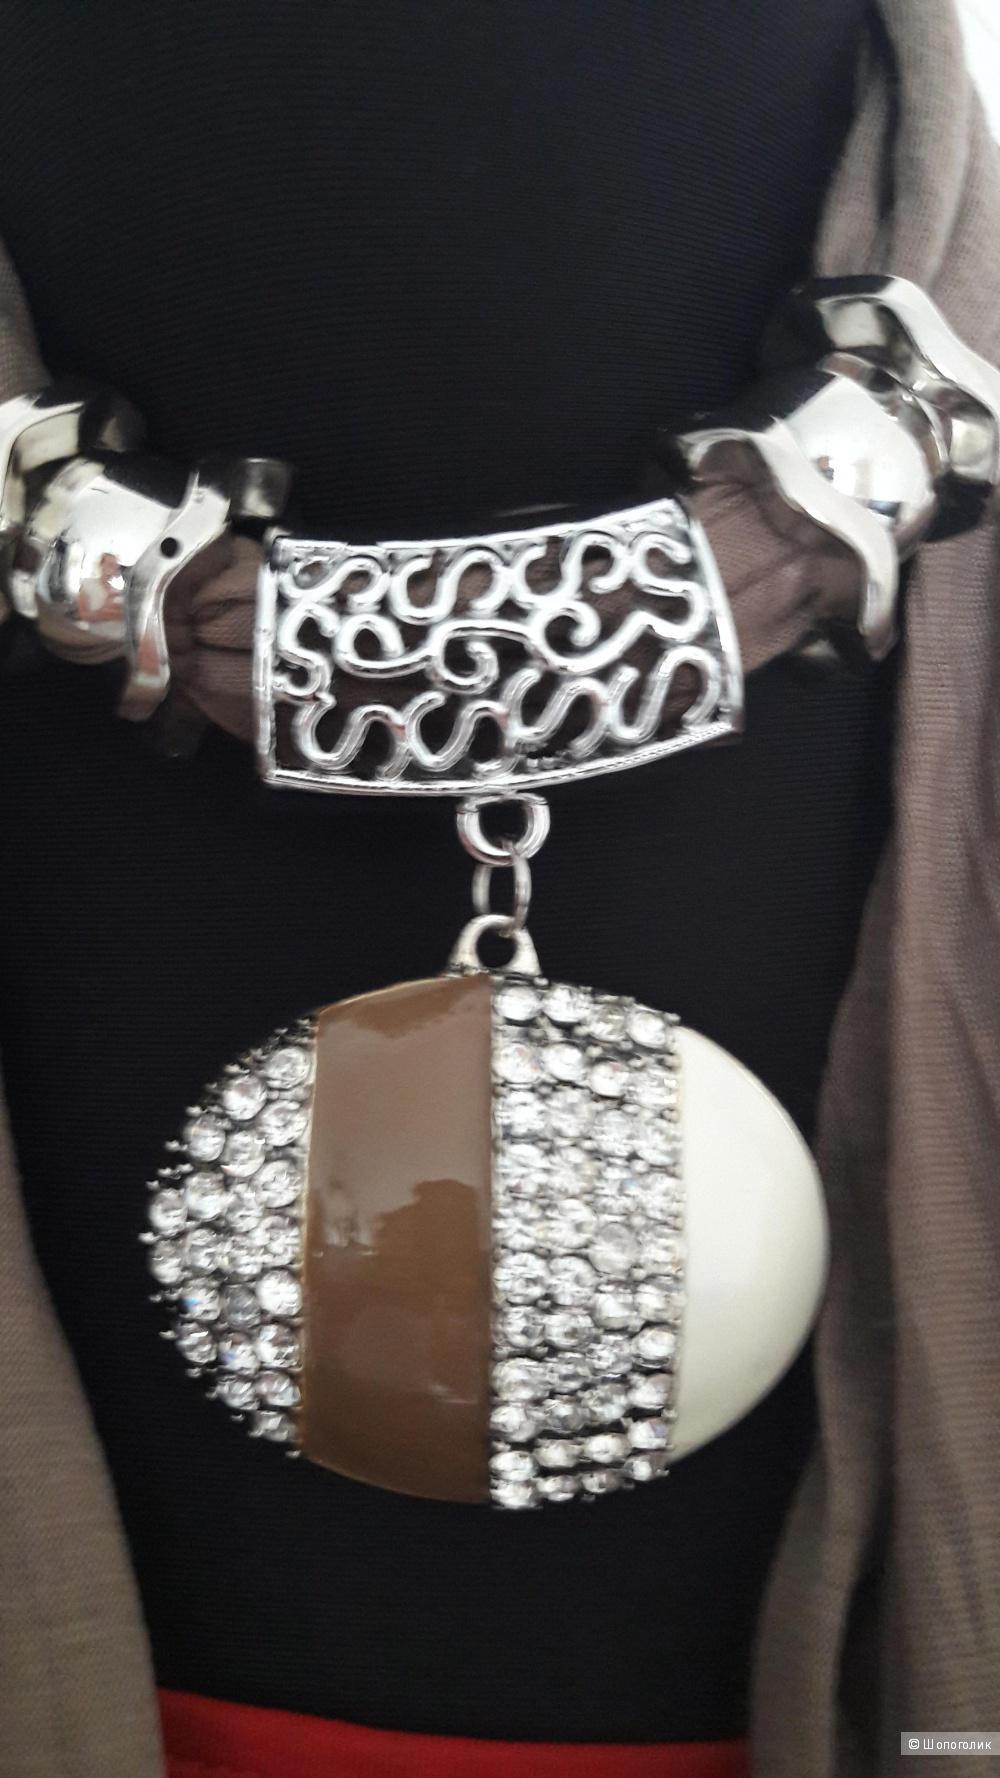 Аксессуар-трансформер: колье-пояс-украшение для сумки, ноу нейм.